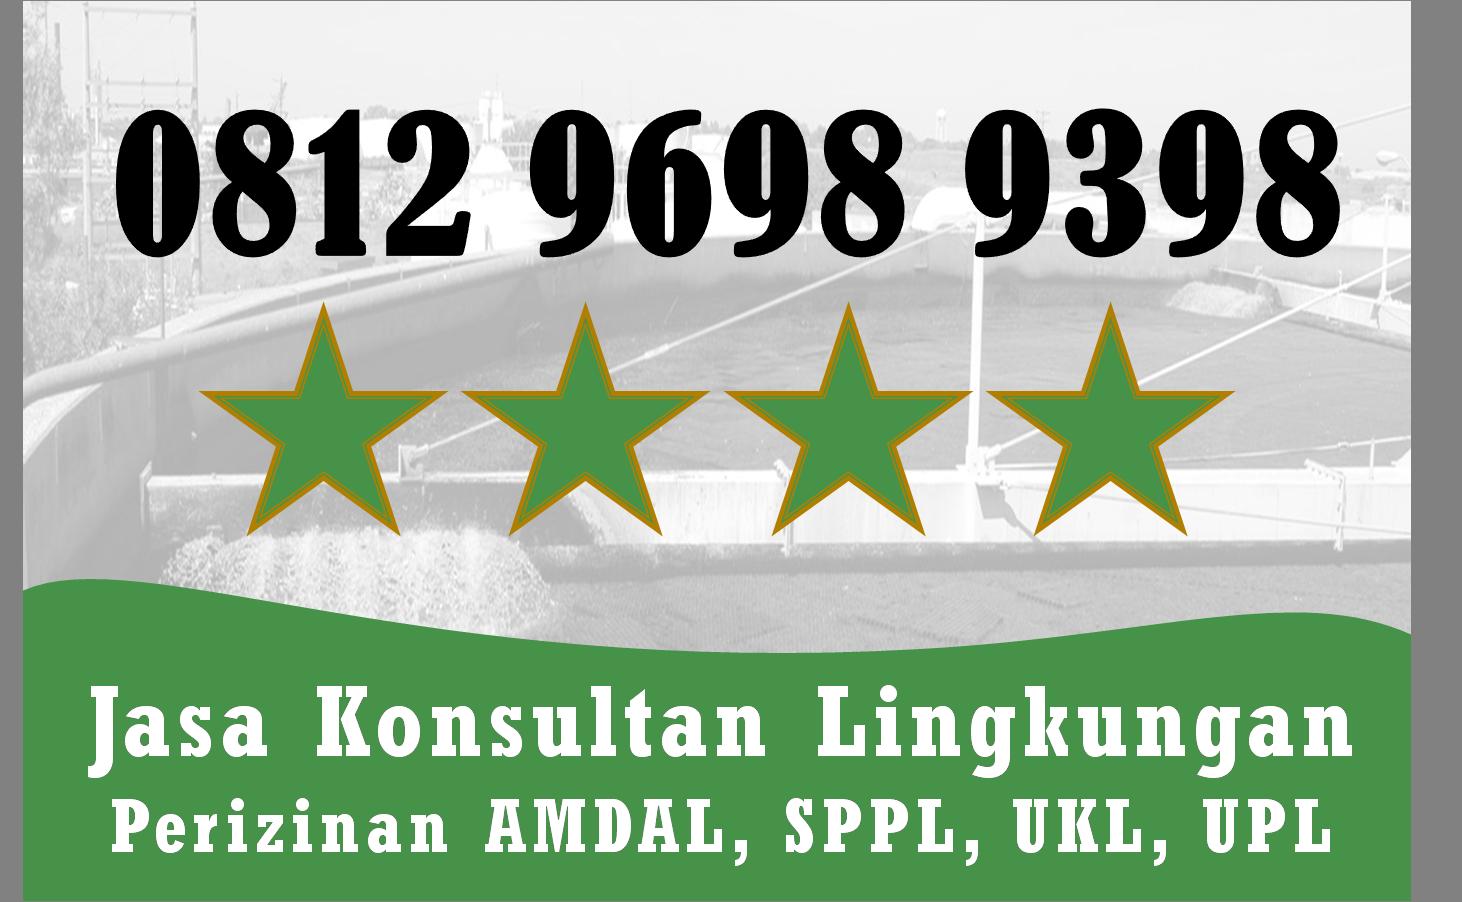 Terpercaya Telp Wa 0812 9698 9398 Biaya Membuat Ukl Upl Kab Tuban Jawa Timur Di 2020 Mobil Kota Teknik Lingkungan Kota Bukittinggi